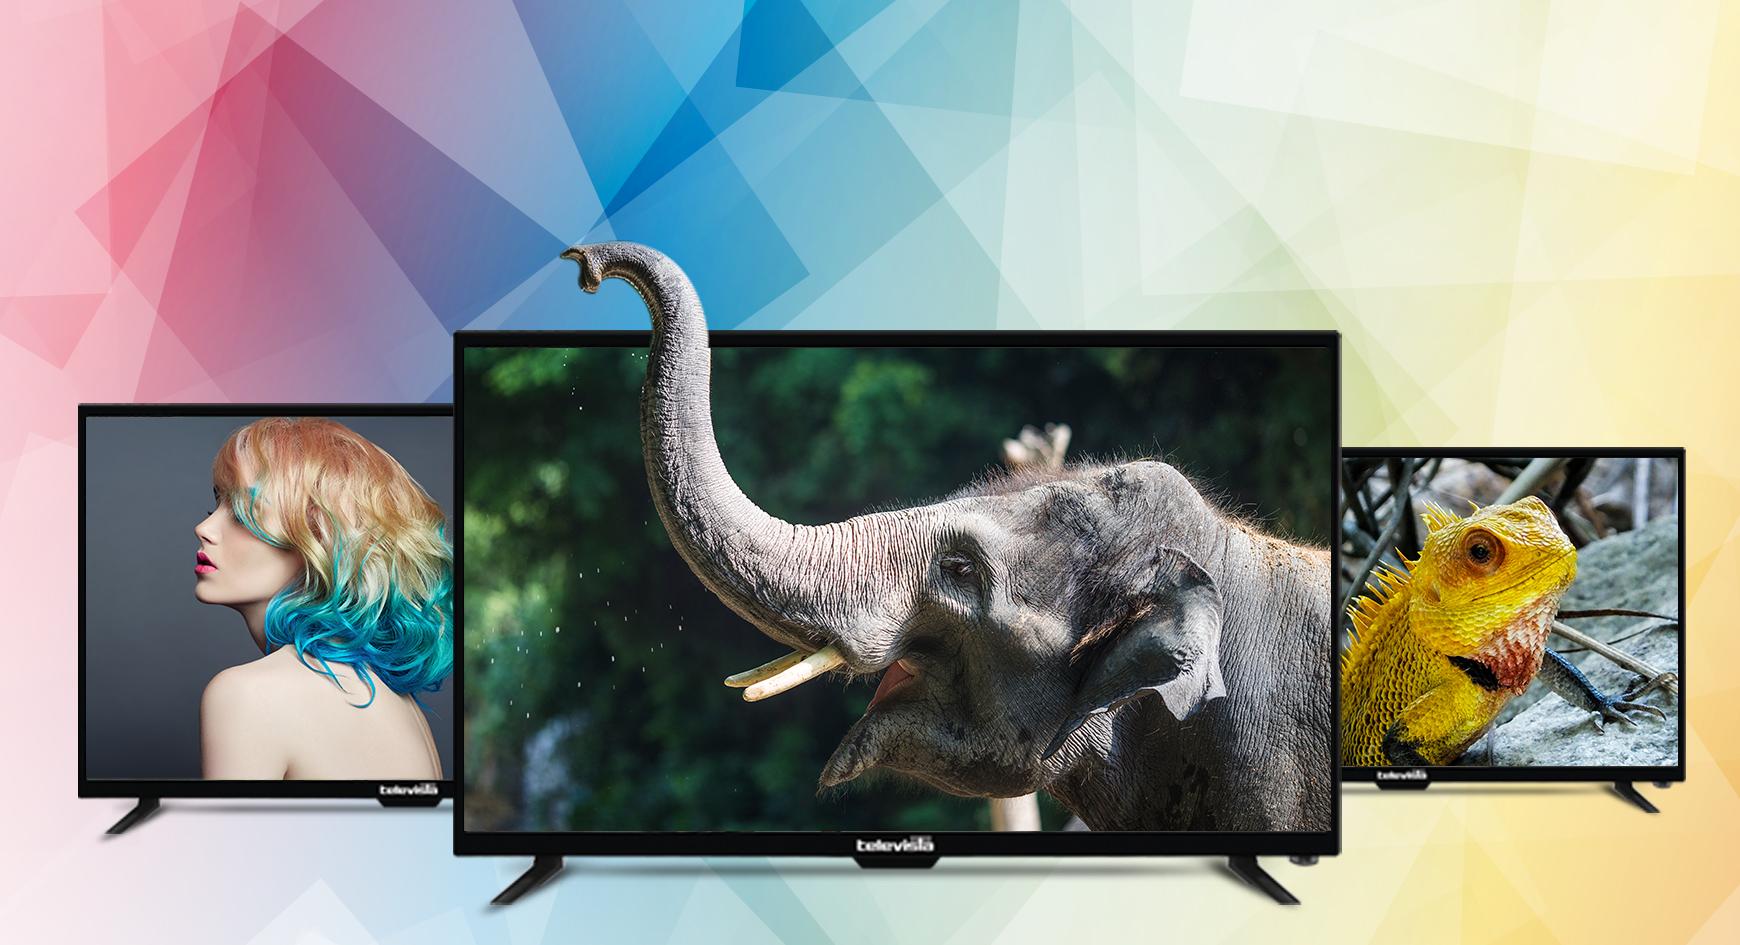 Top Smart TVs in India in 2019